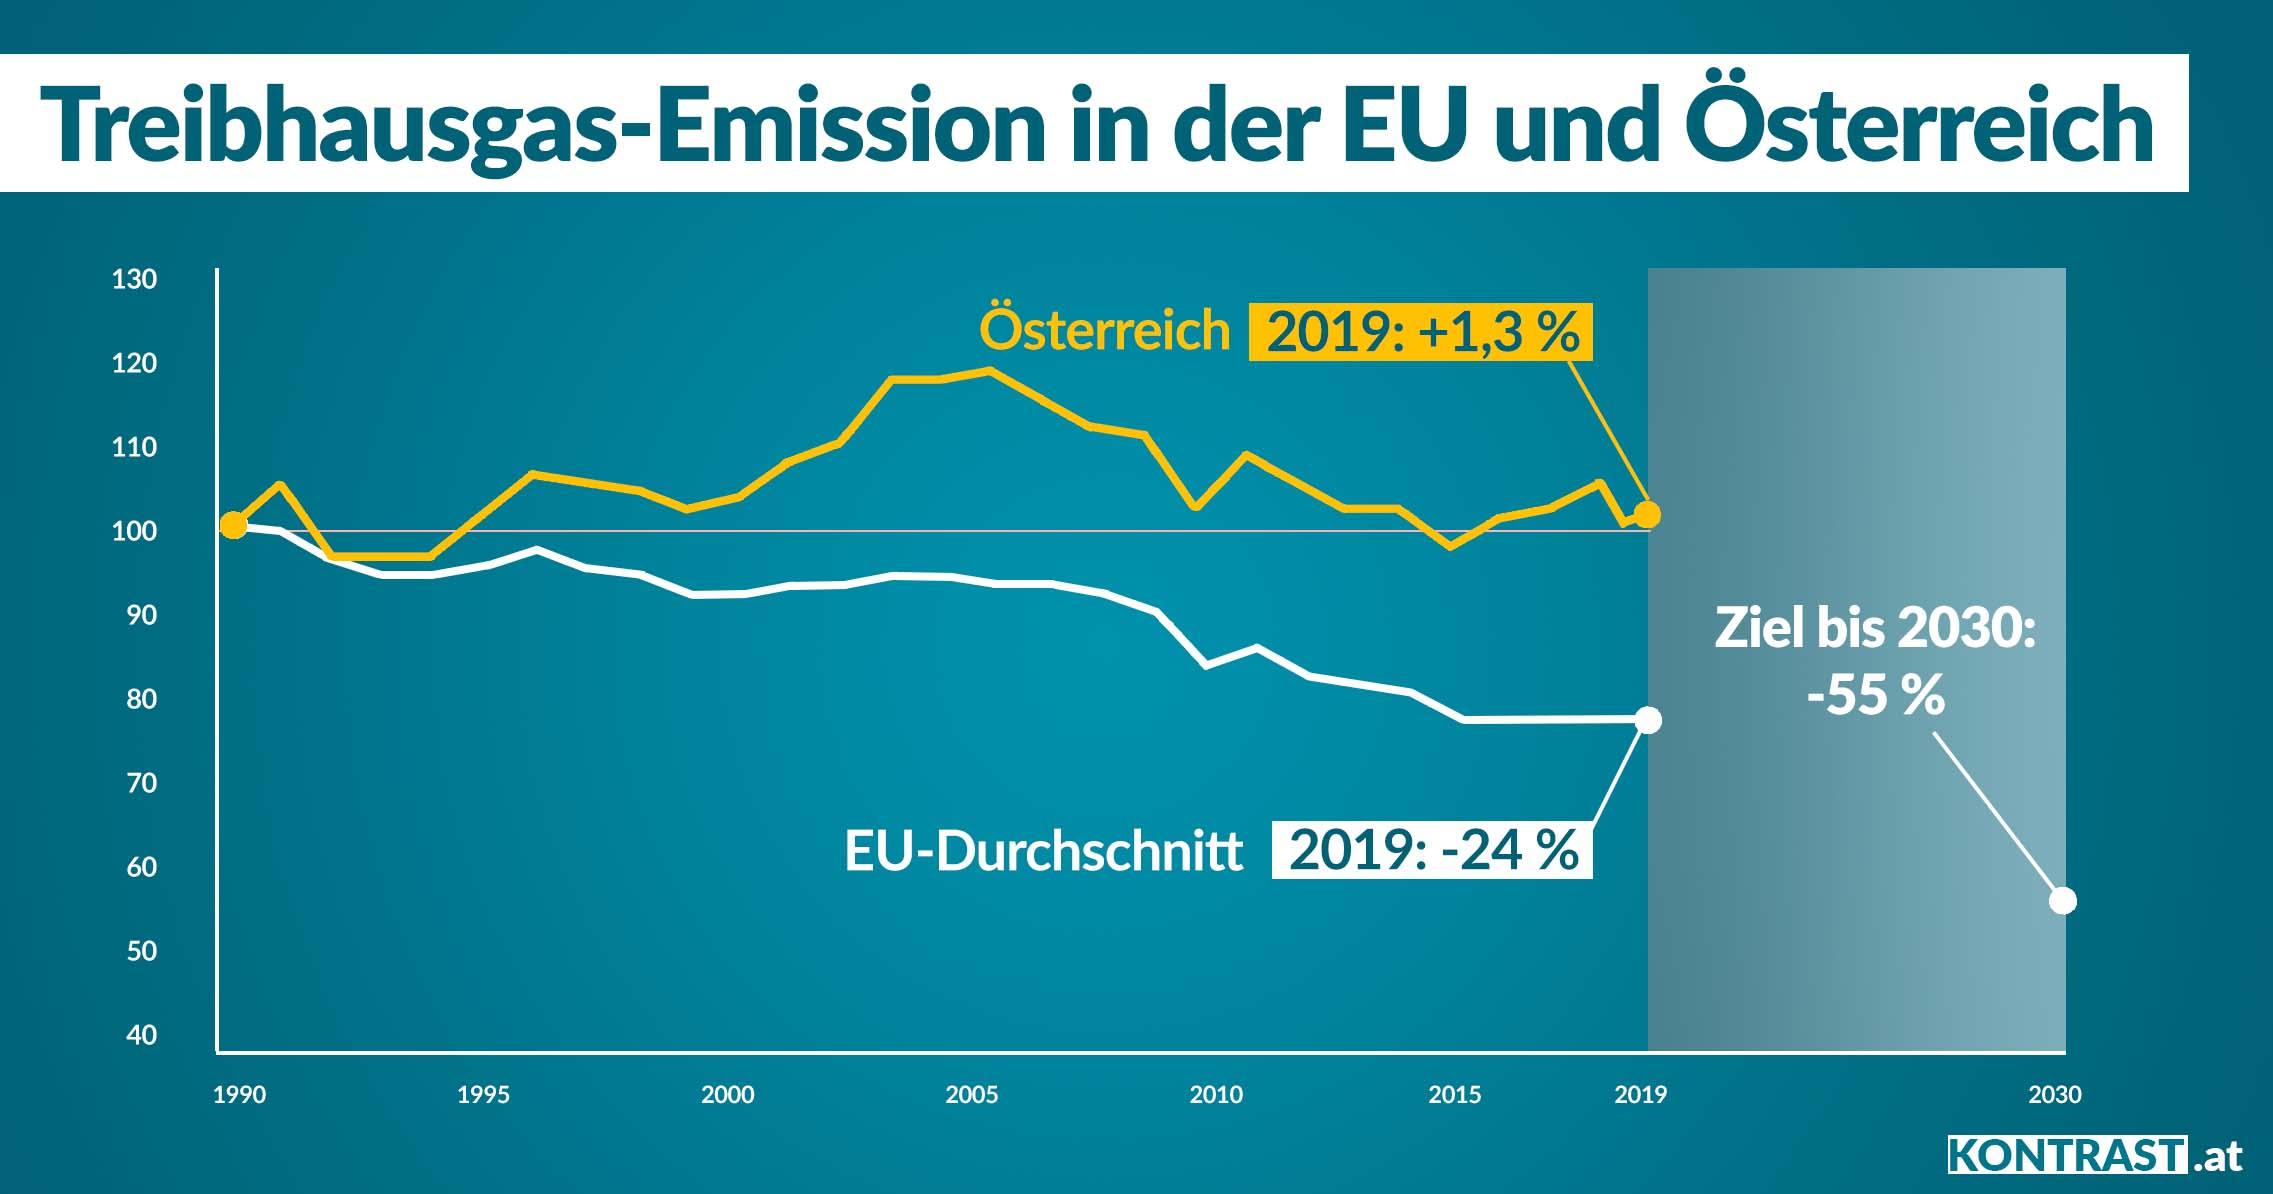 Treibhausgas-Emission in der EU und Österreich